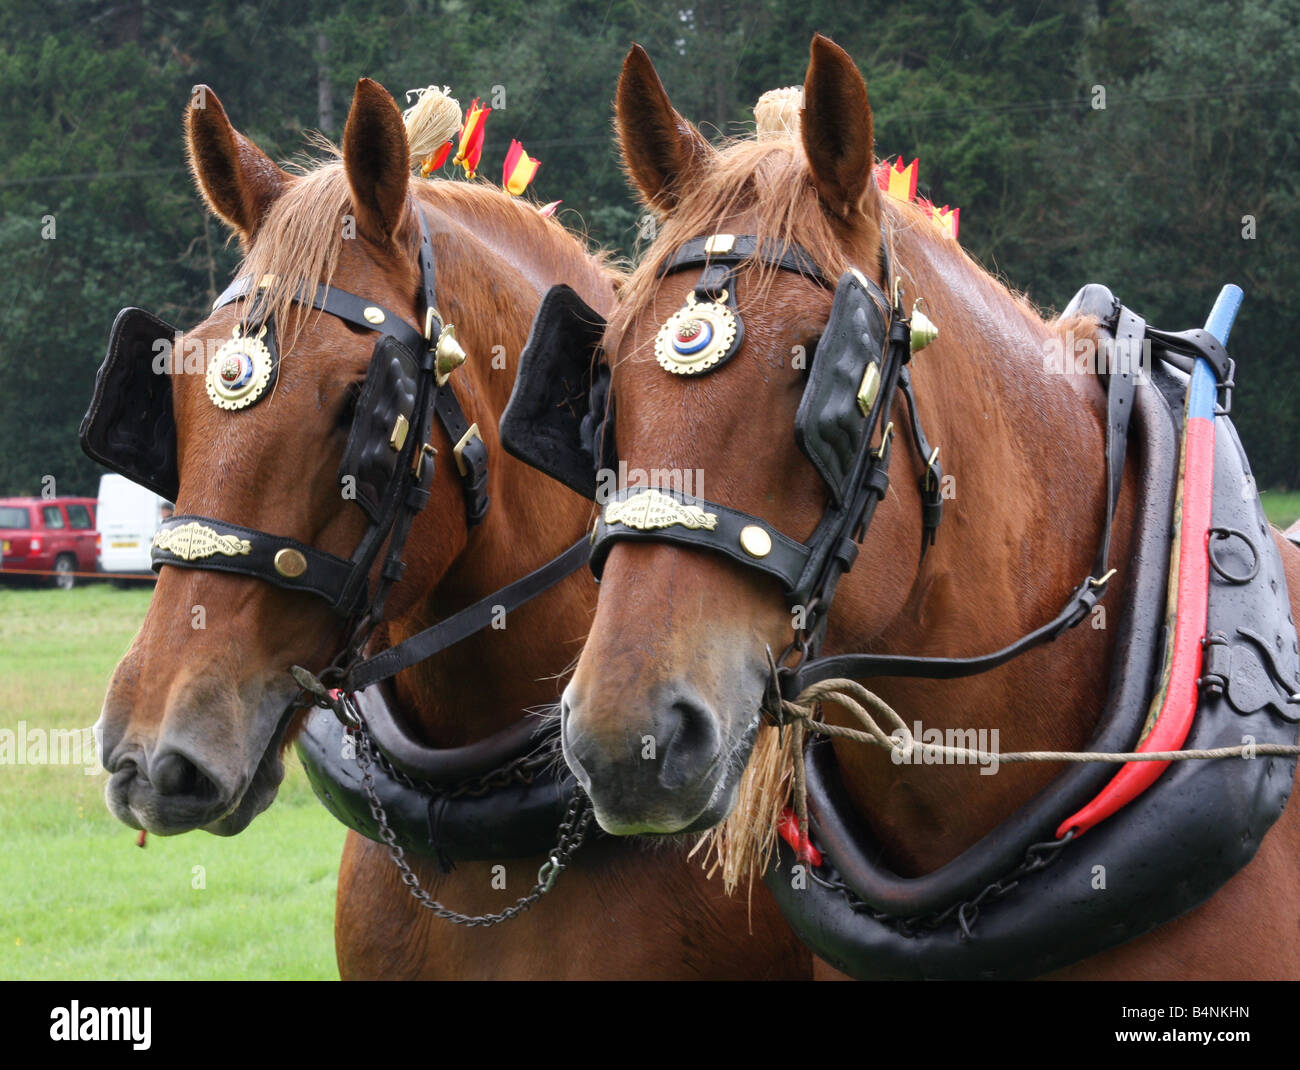 Horse Brasses Stockfotos & Horse Brasses Bilder - Alamy